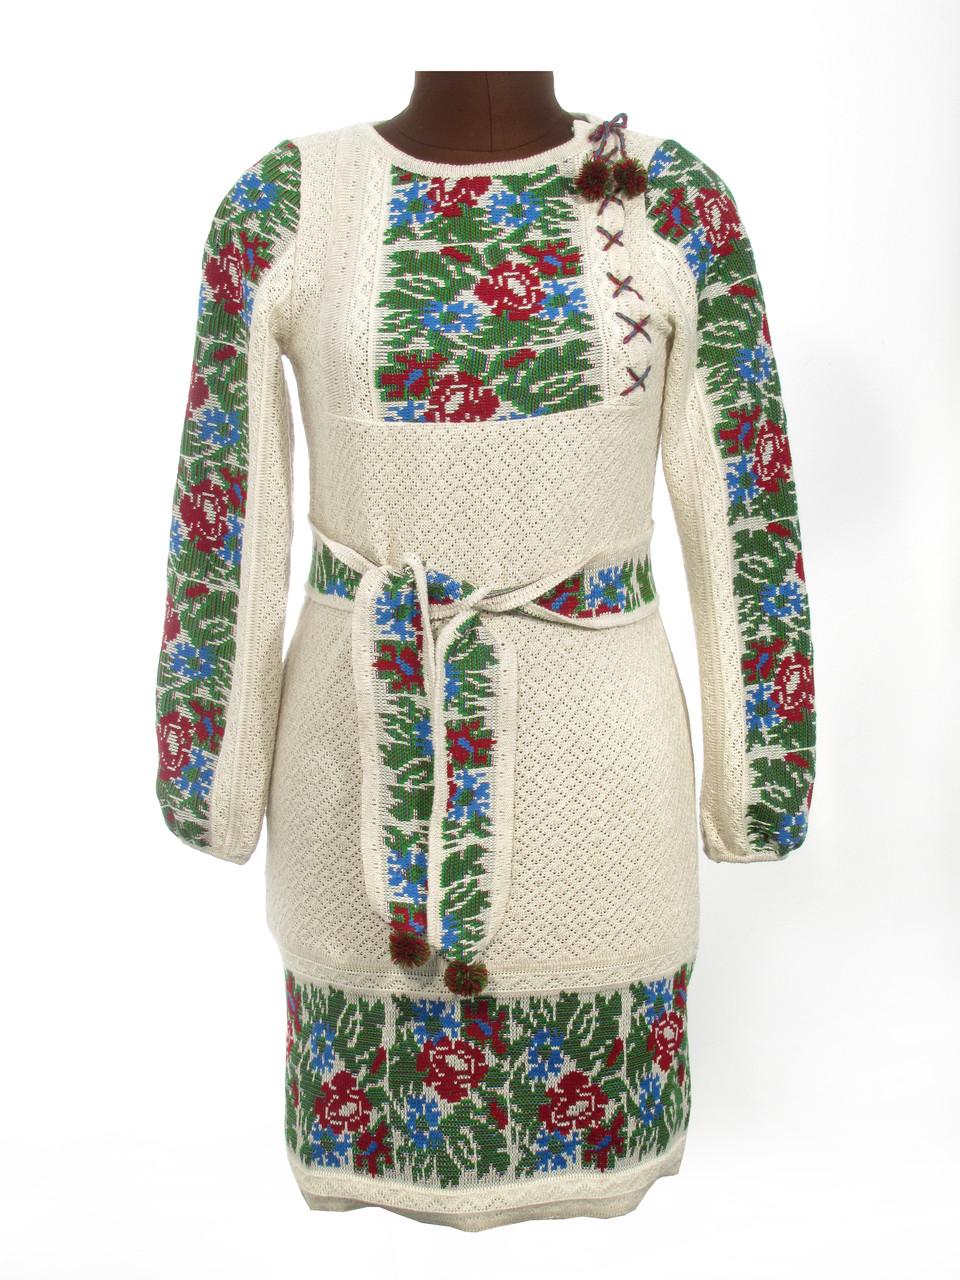 Вязаное платье Маки и васильки со вставкой